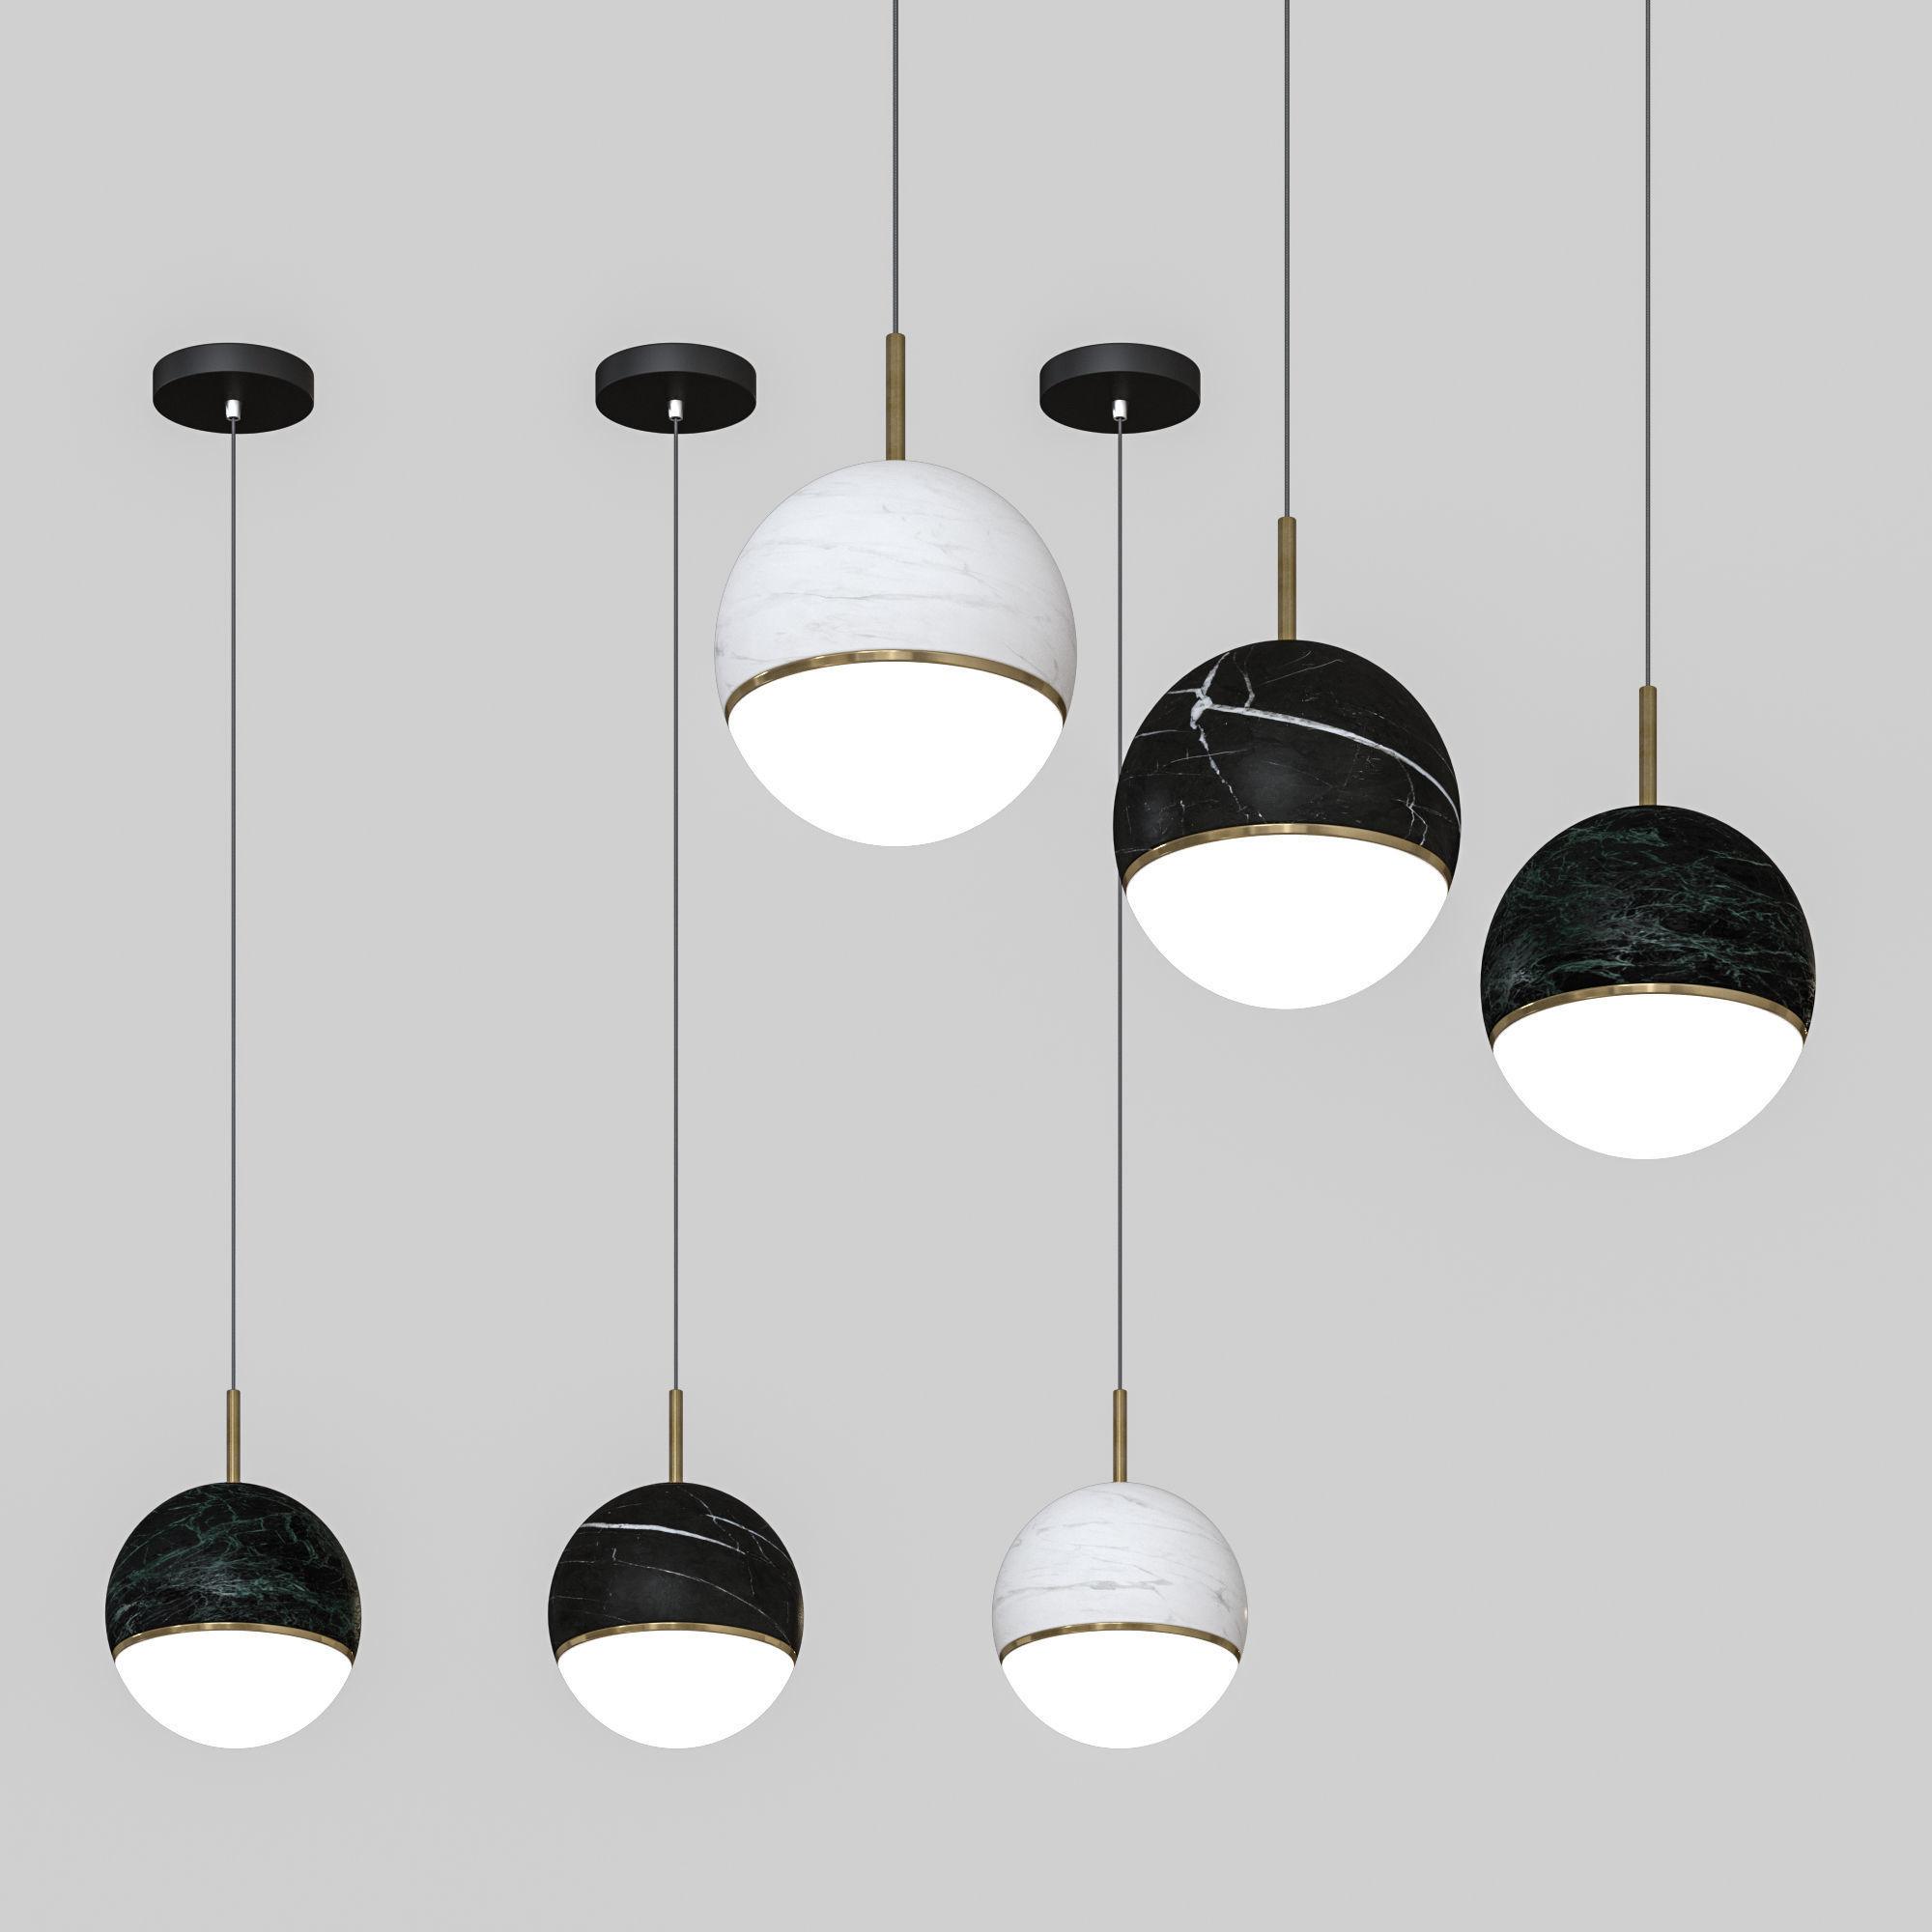 OMGPFR - ceiling lamp